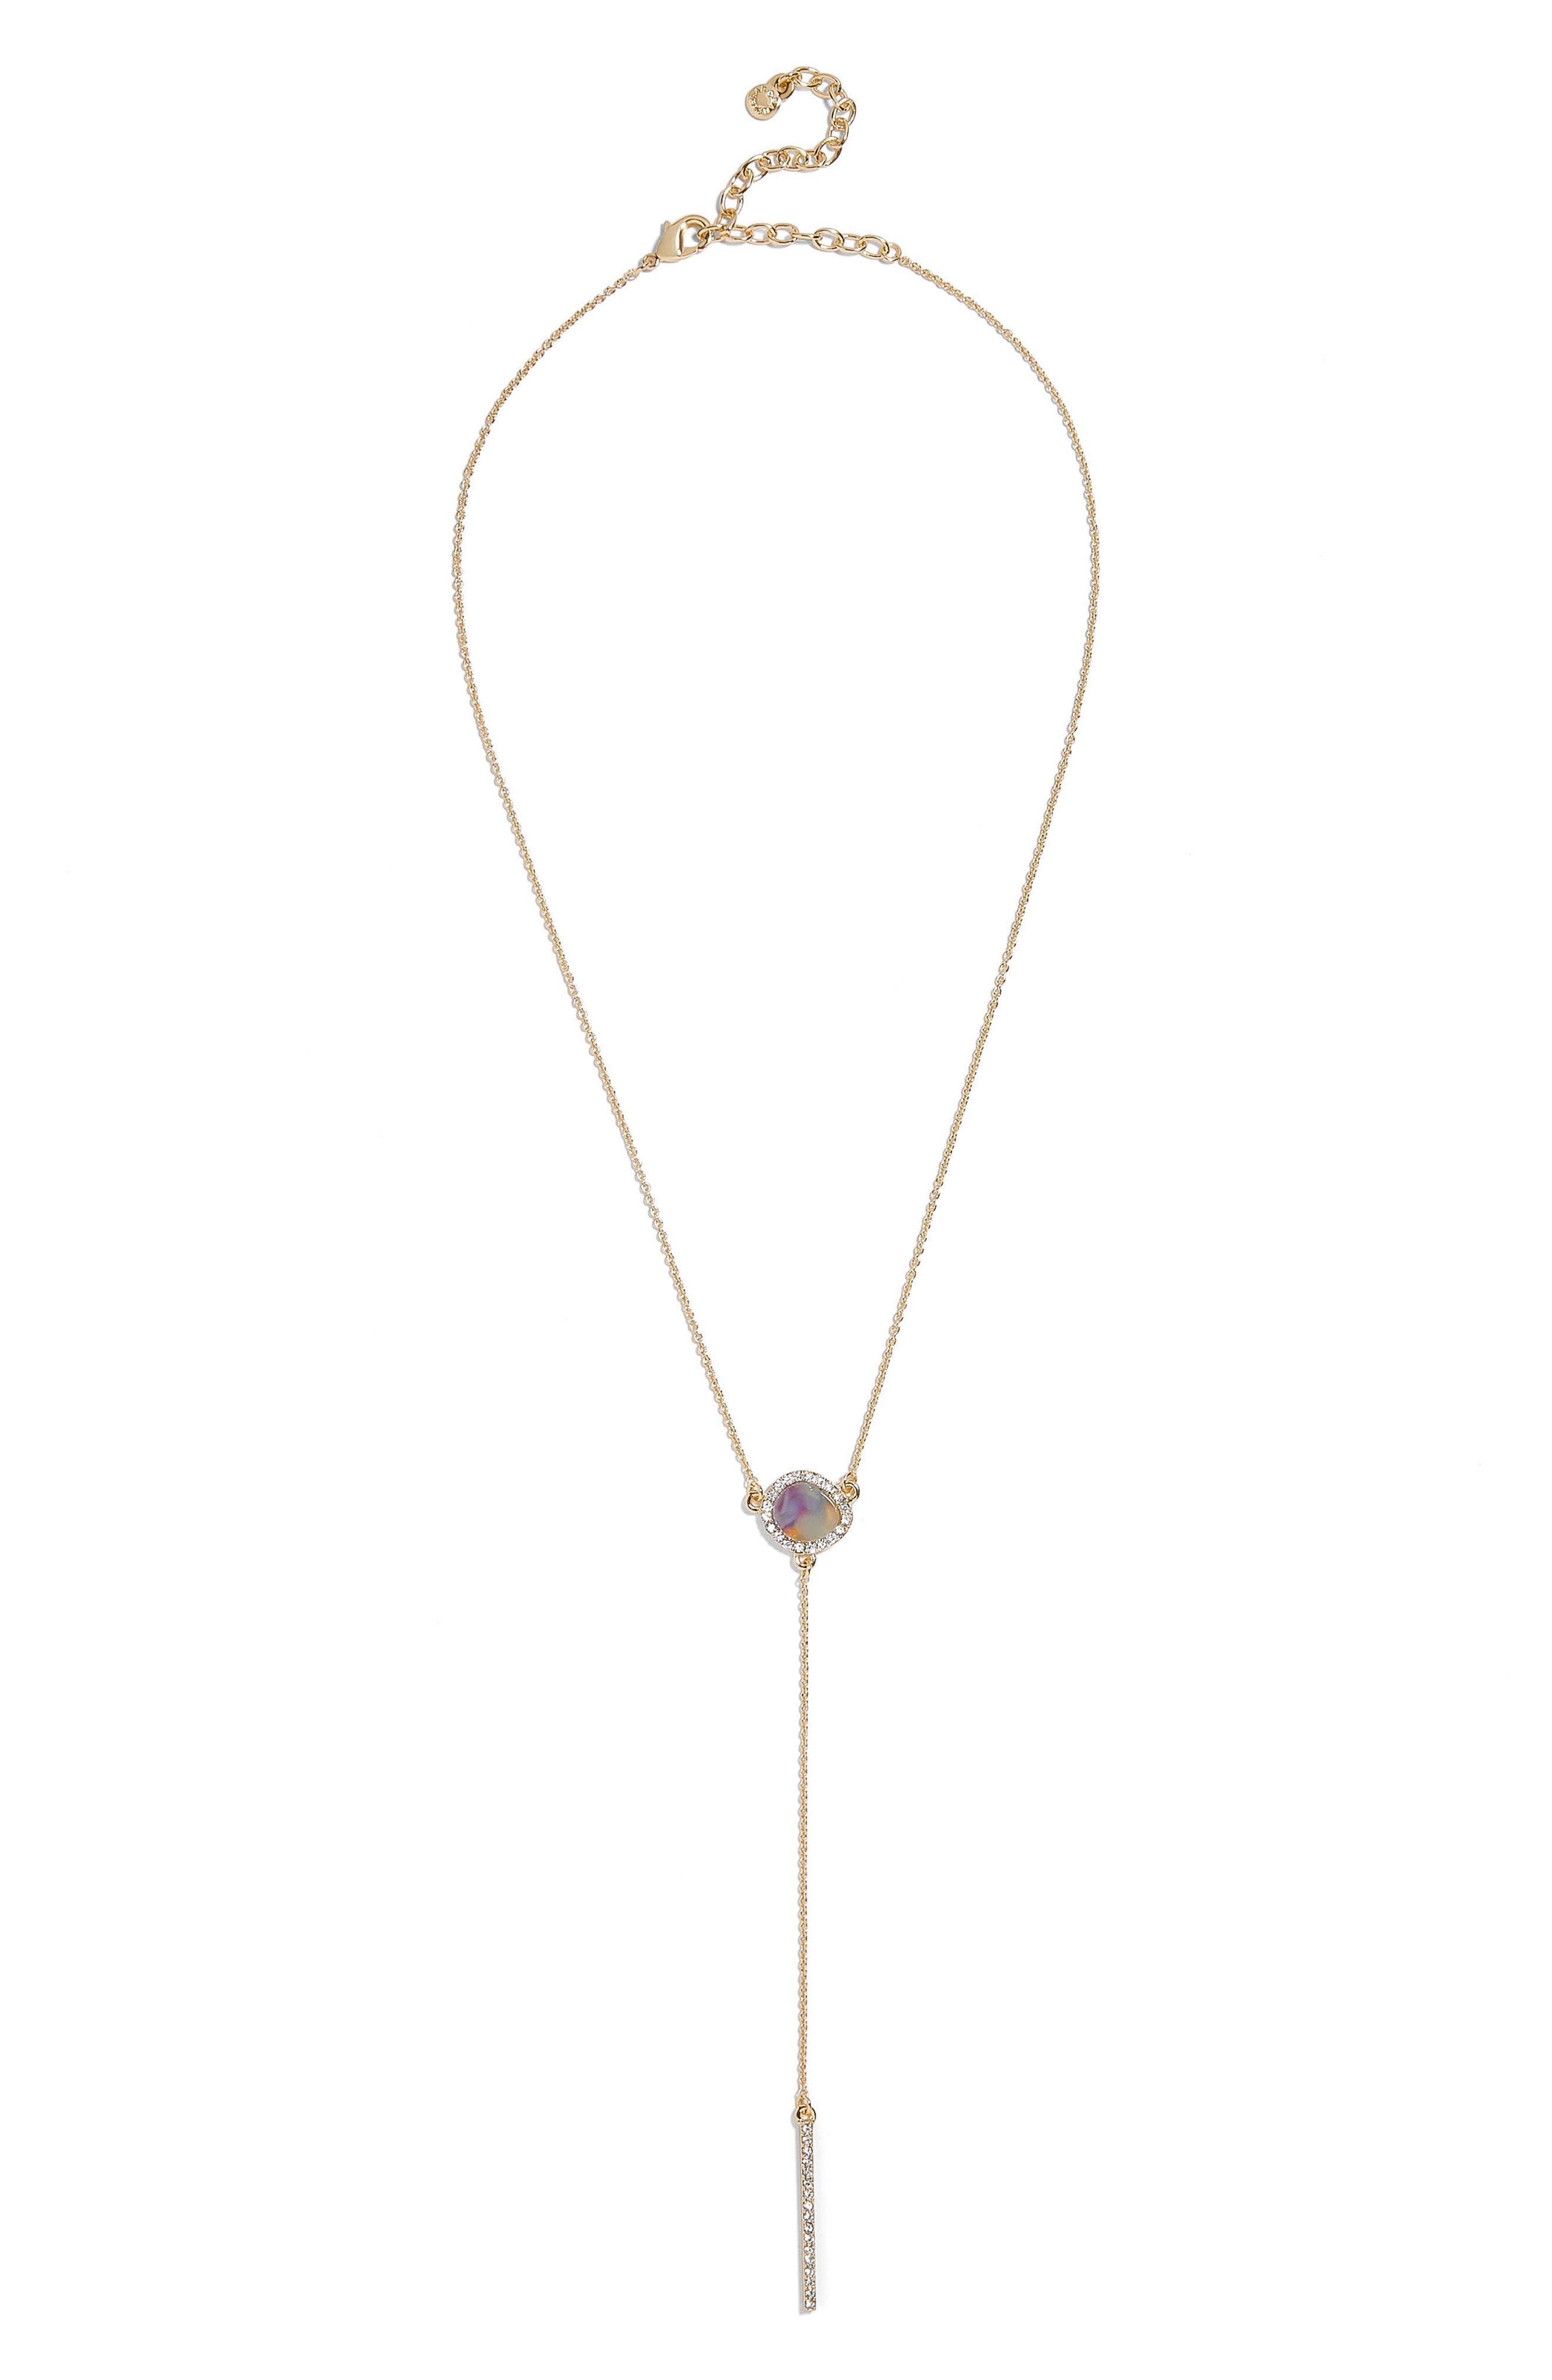 Elsha Chain Y-Necklace,                             Alternate thumbnail 2, color,                             653